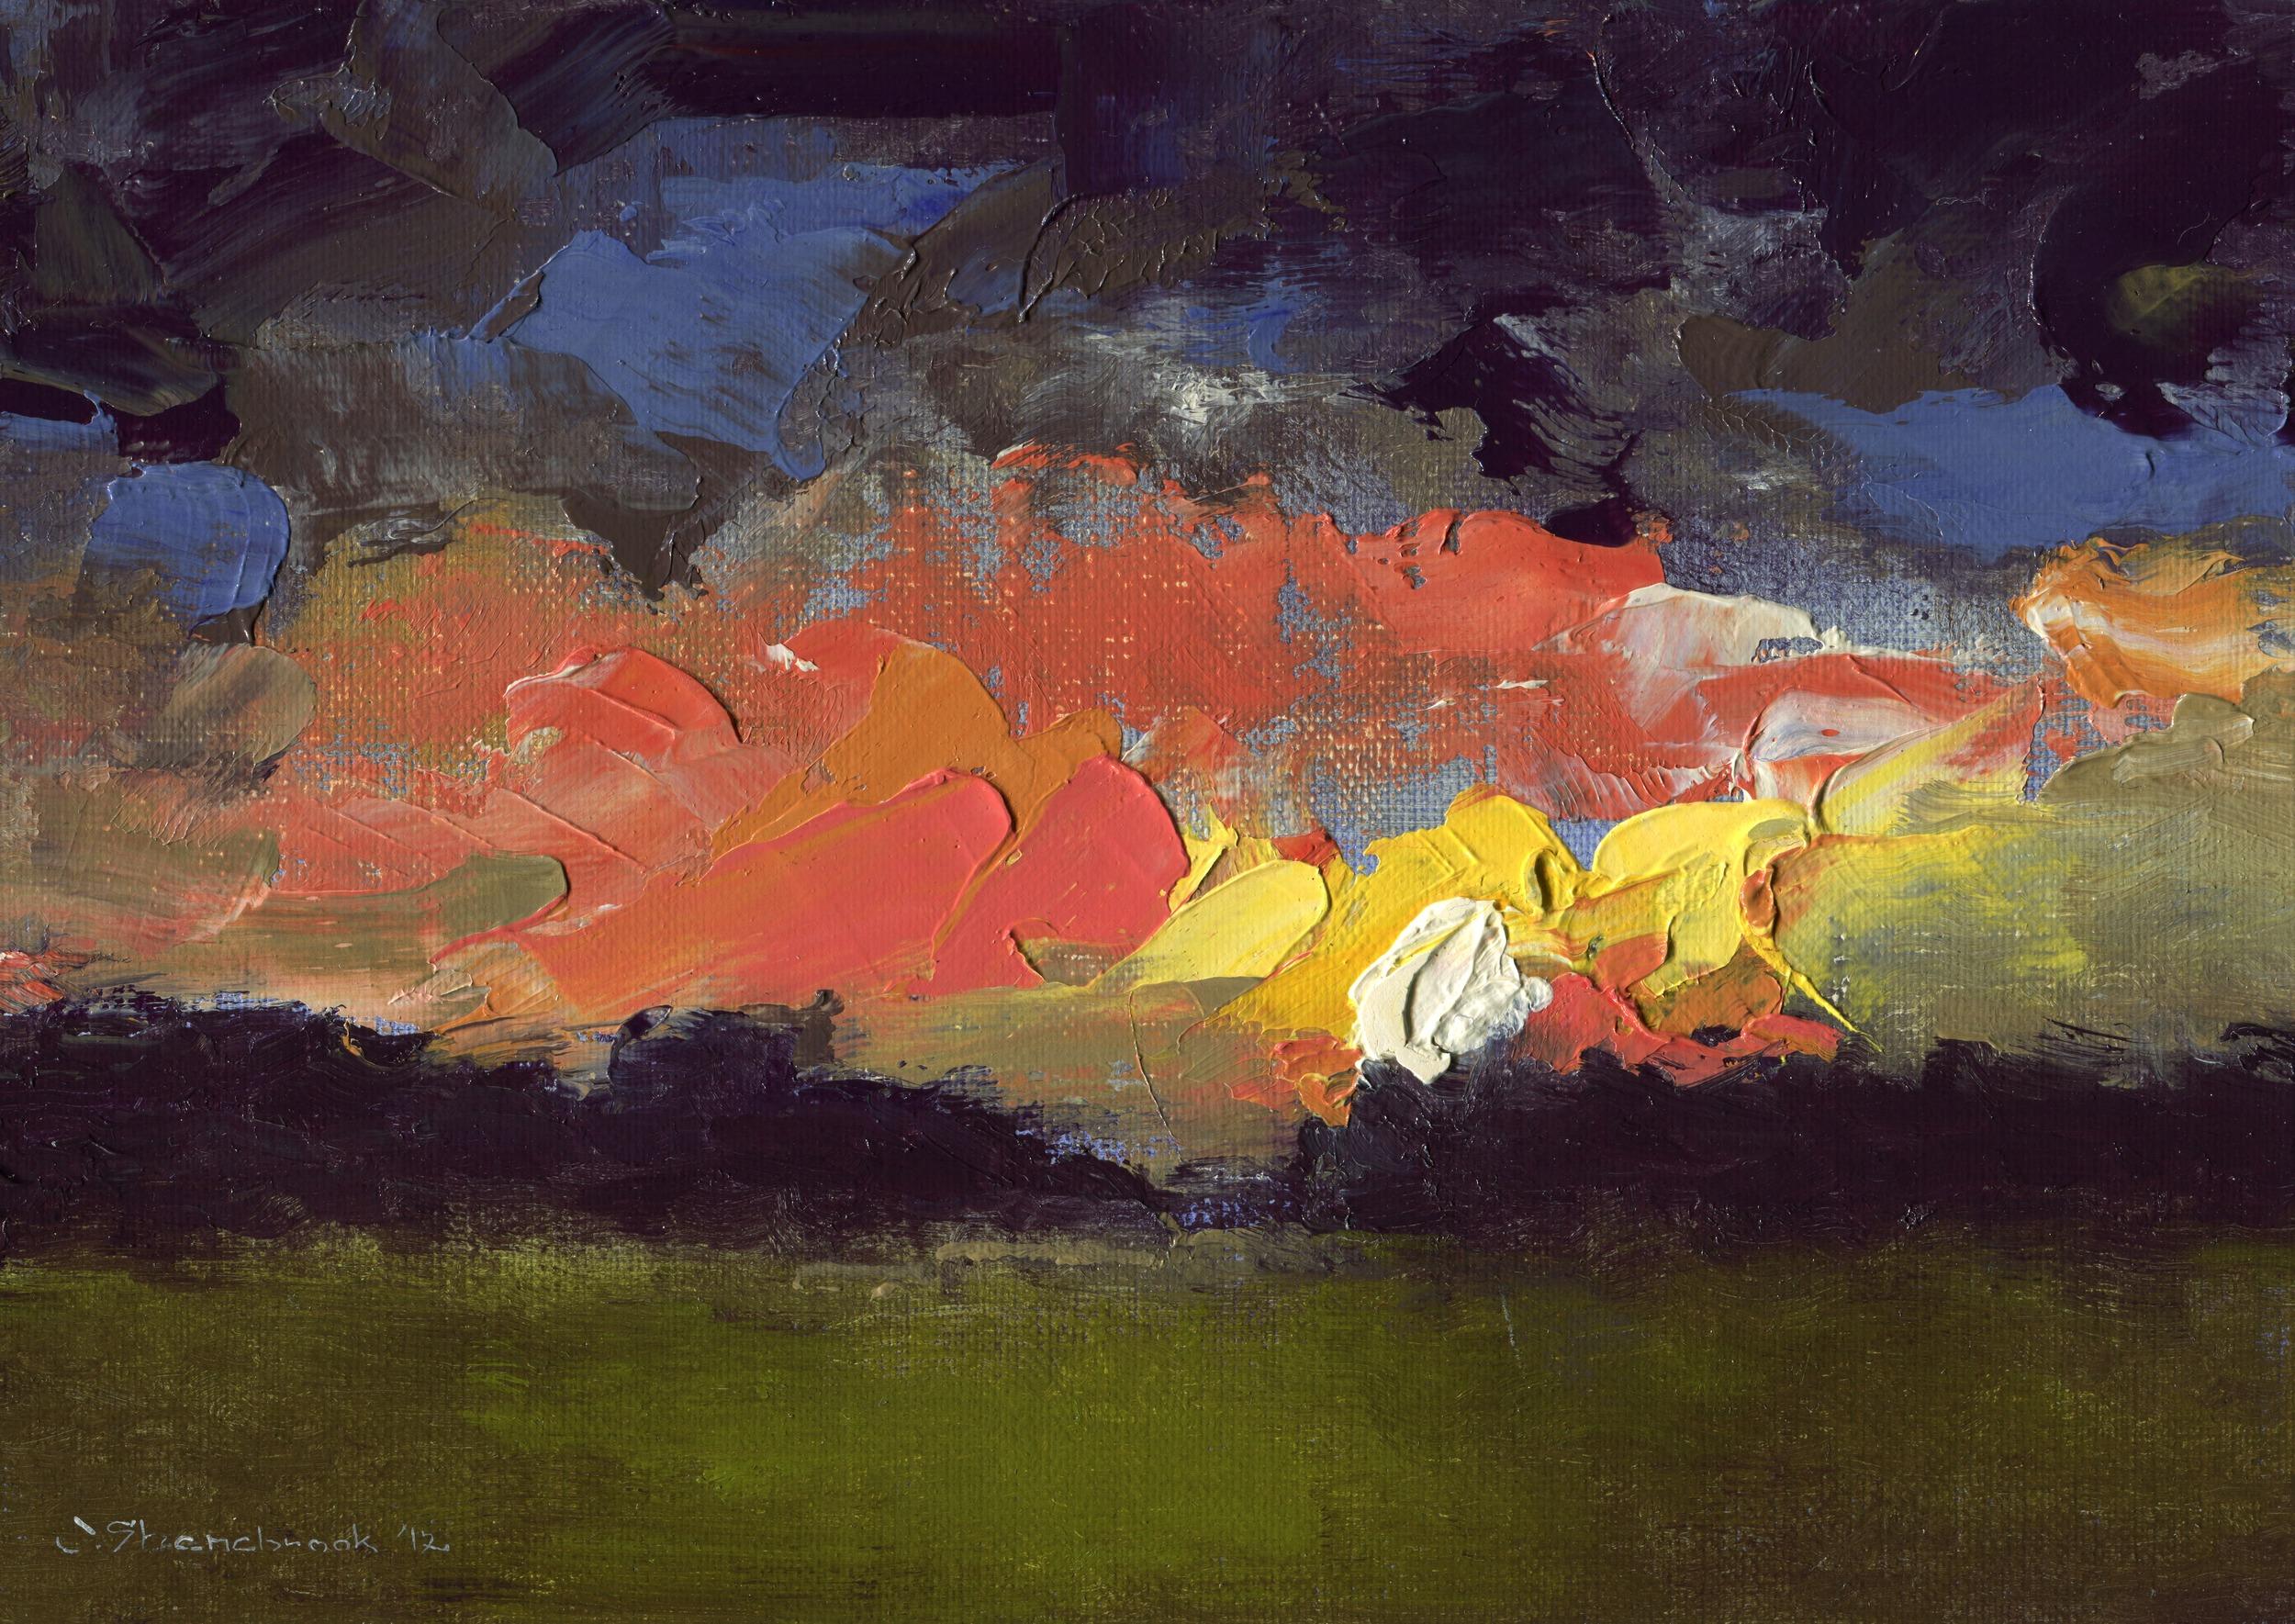 night meadow, elyria